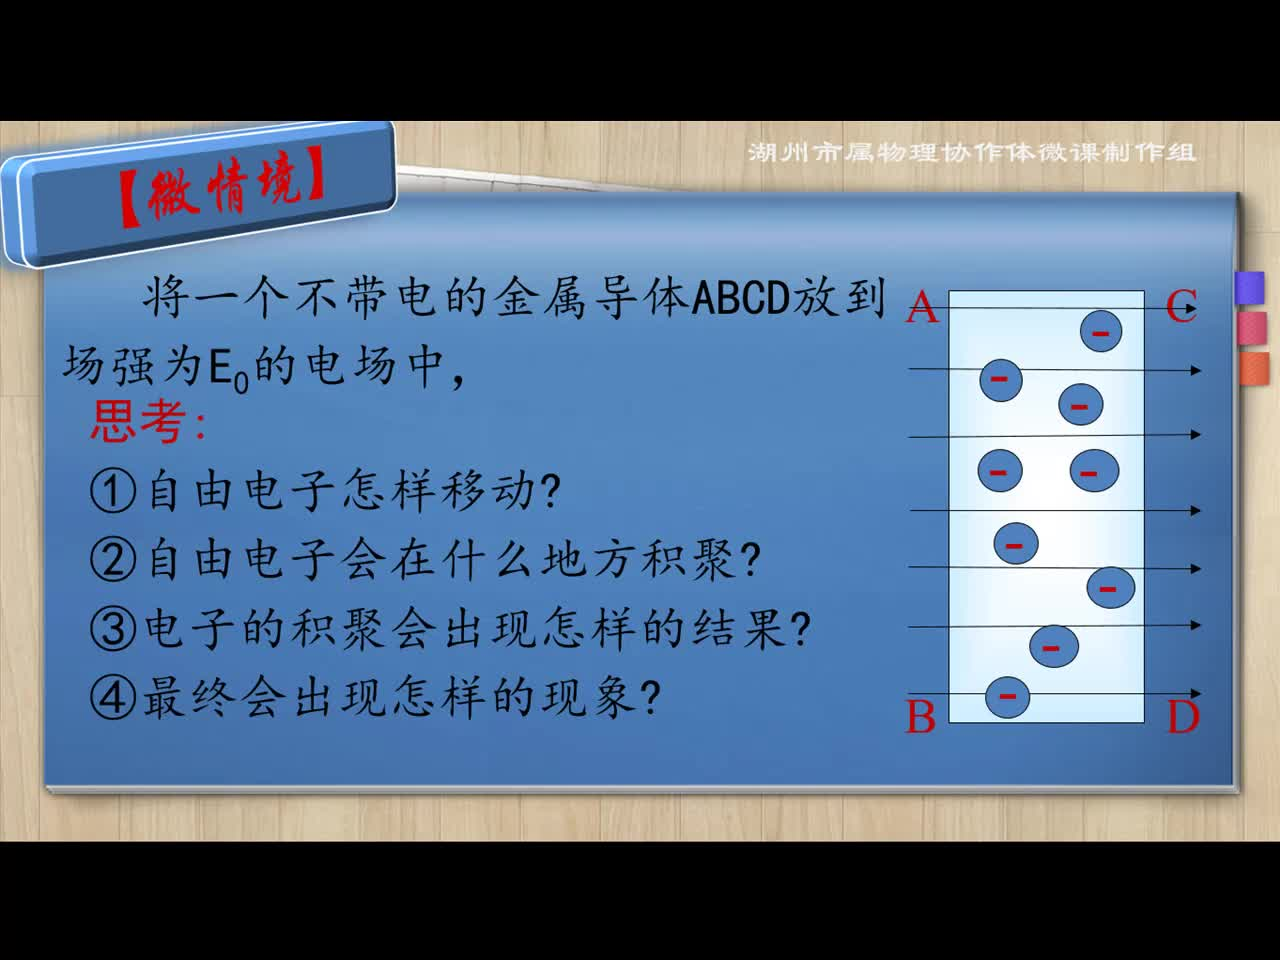 【名师微课】高中物理(人教版)选修3-1微课视频:静电现象的应用